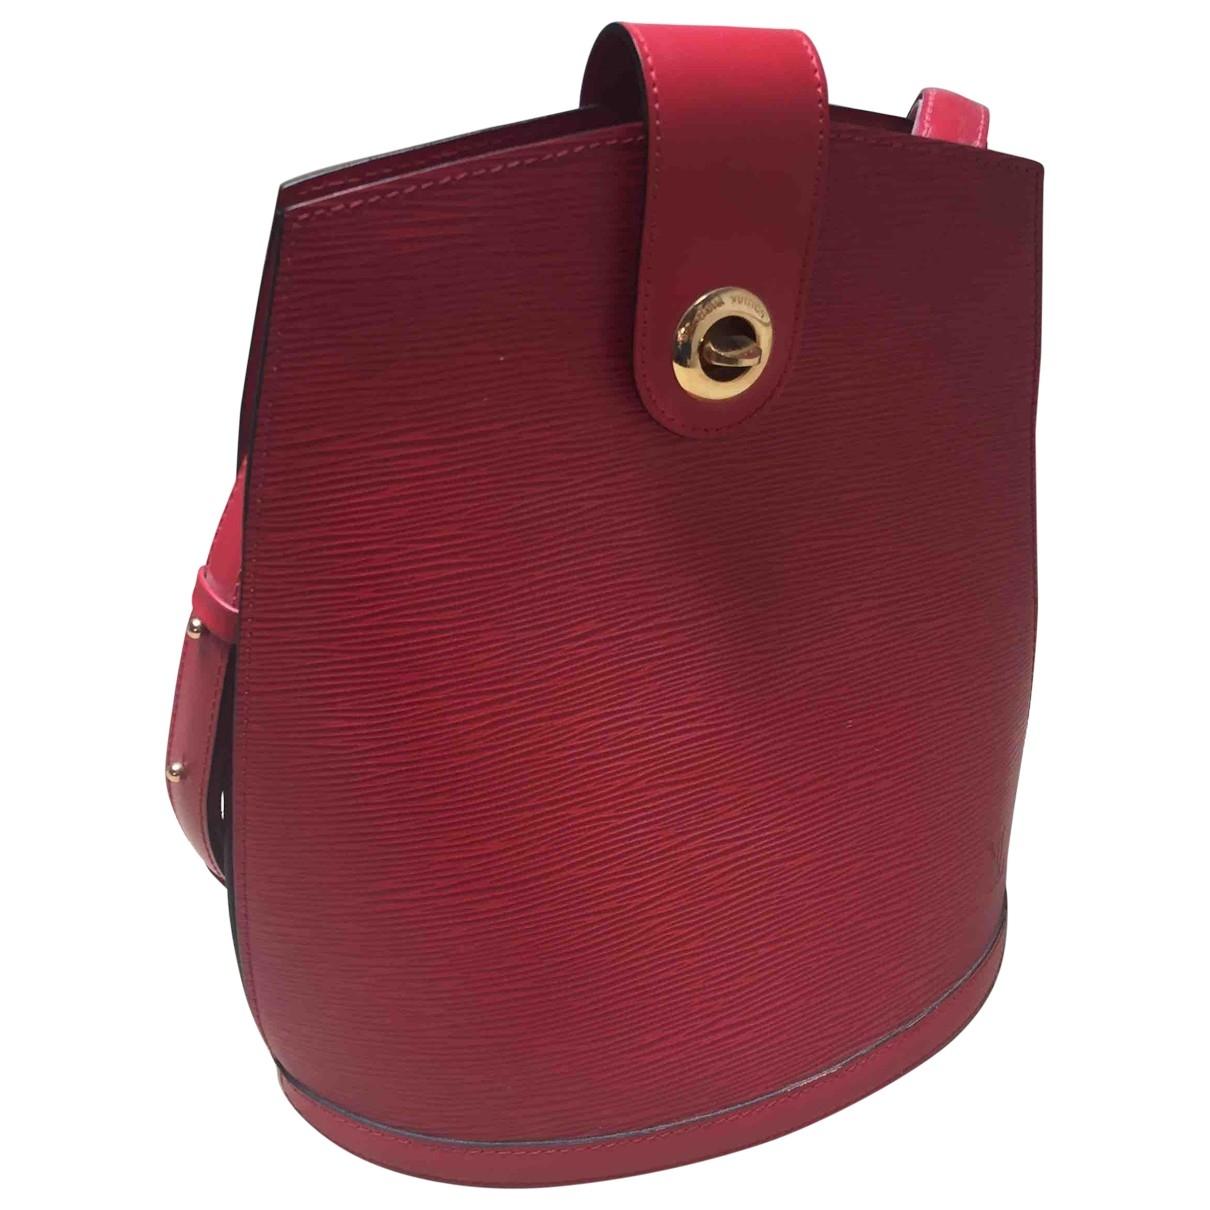 Louis Vuitton - Sac a main Cluny Vintage pour femme en cuir - rouge